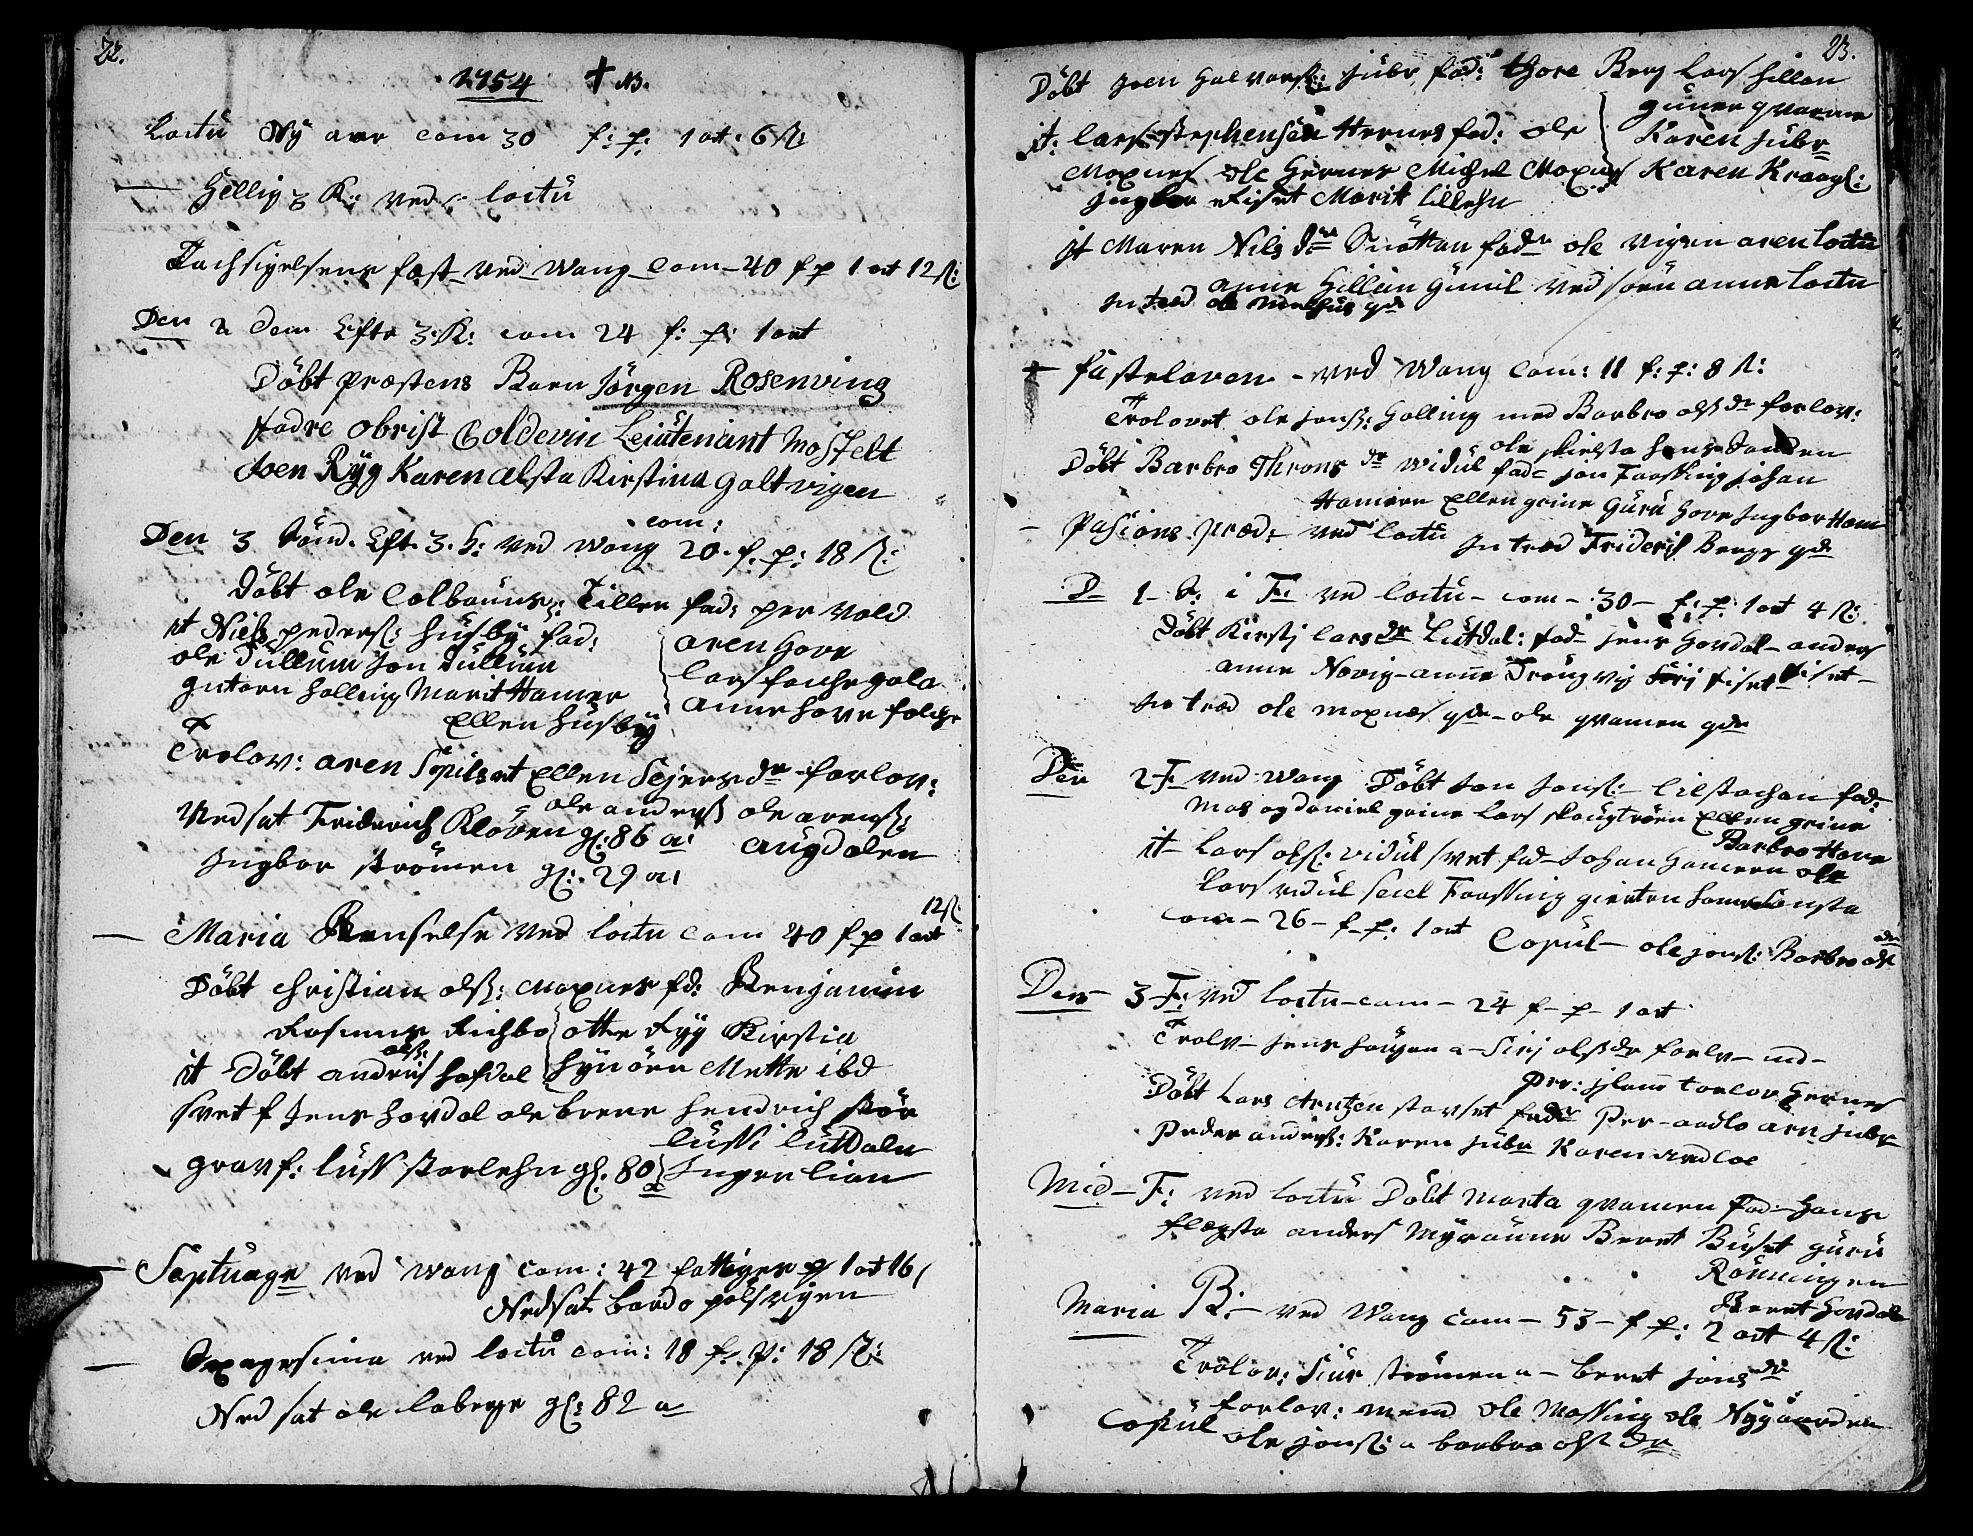 SAT, Ministerialprotokoller, klokkerbøker og fødselsregistre - Nord-Trøndelag, 713/L0109: Ministerialbok nr. 713A01, 1750-1778, s. 22-23